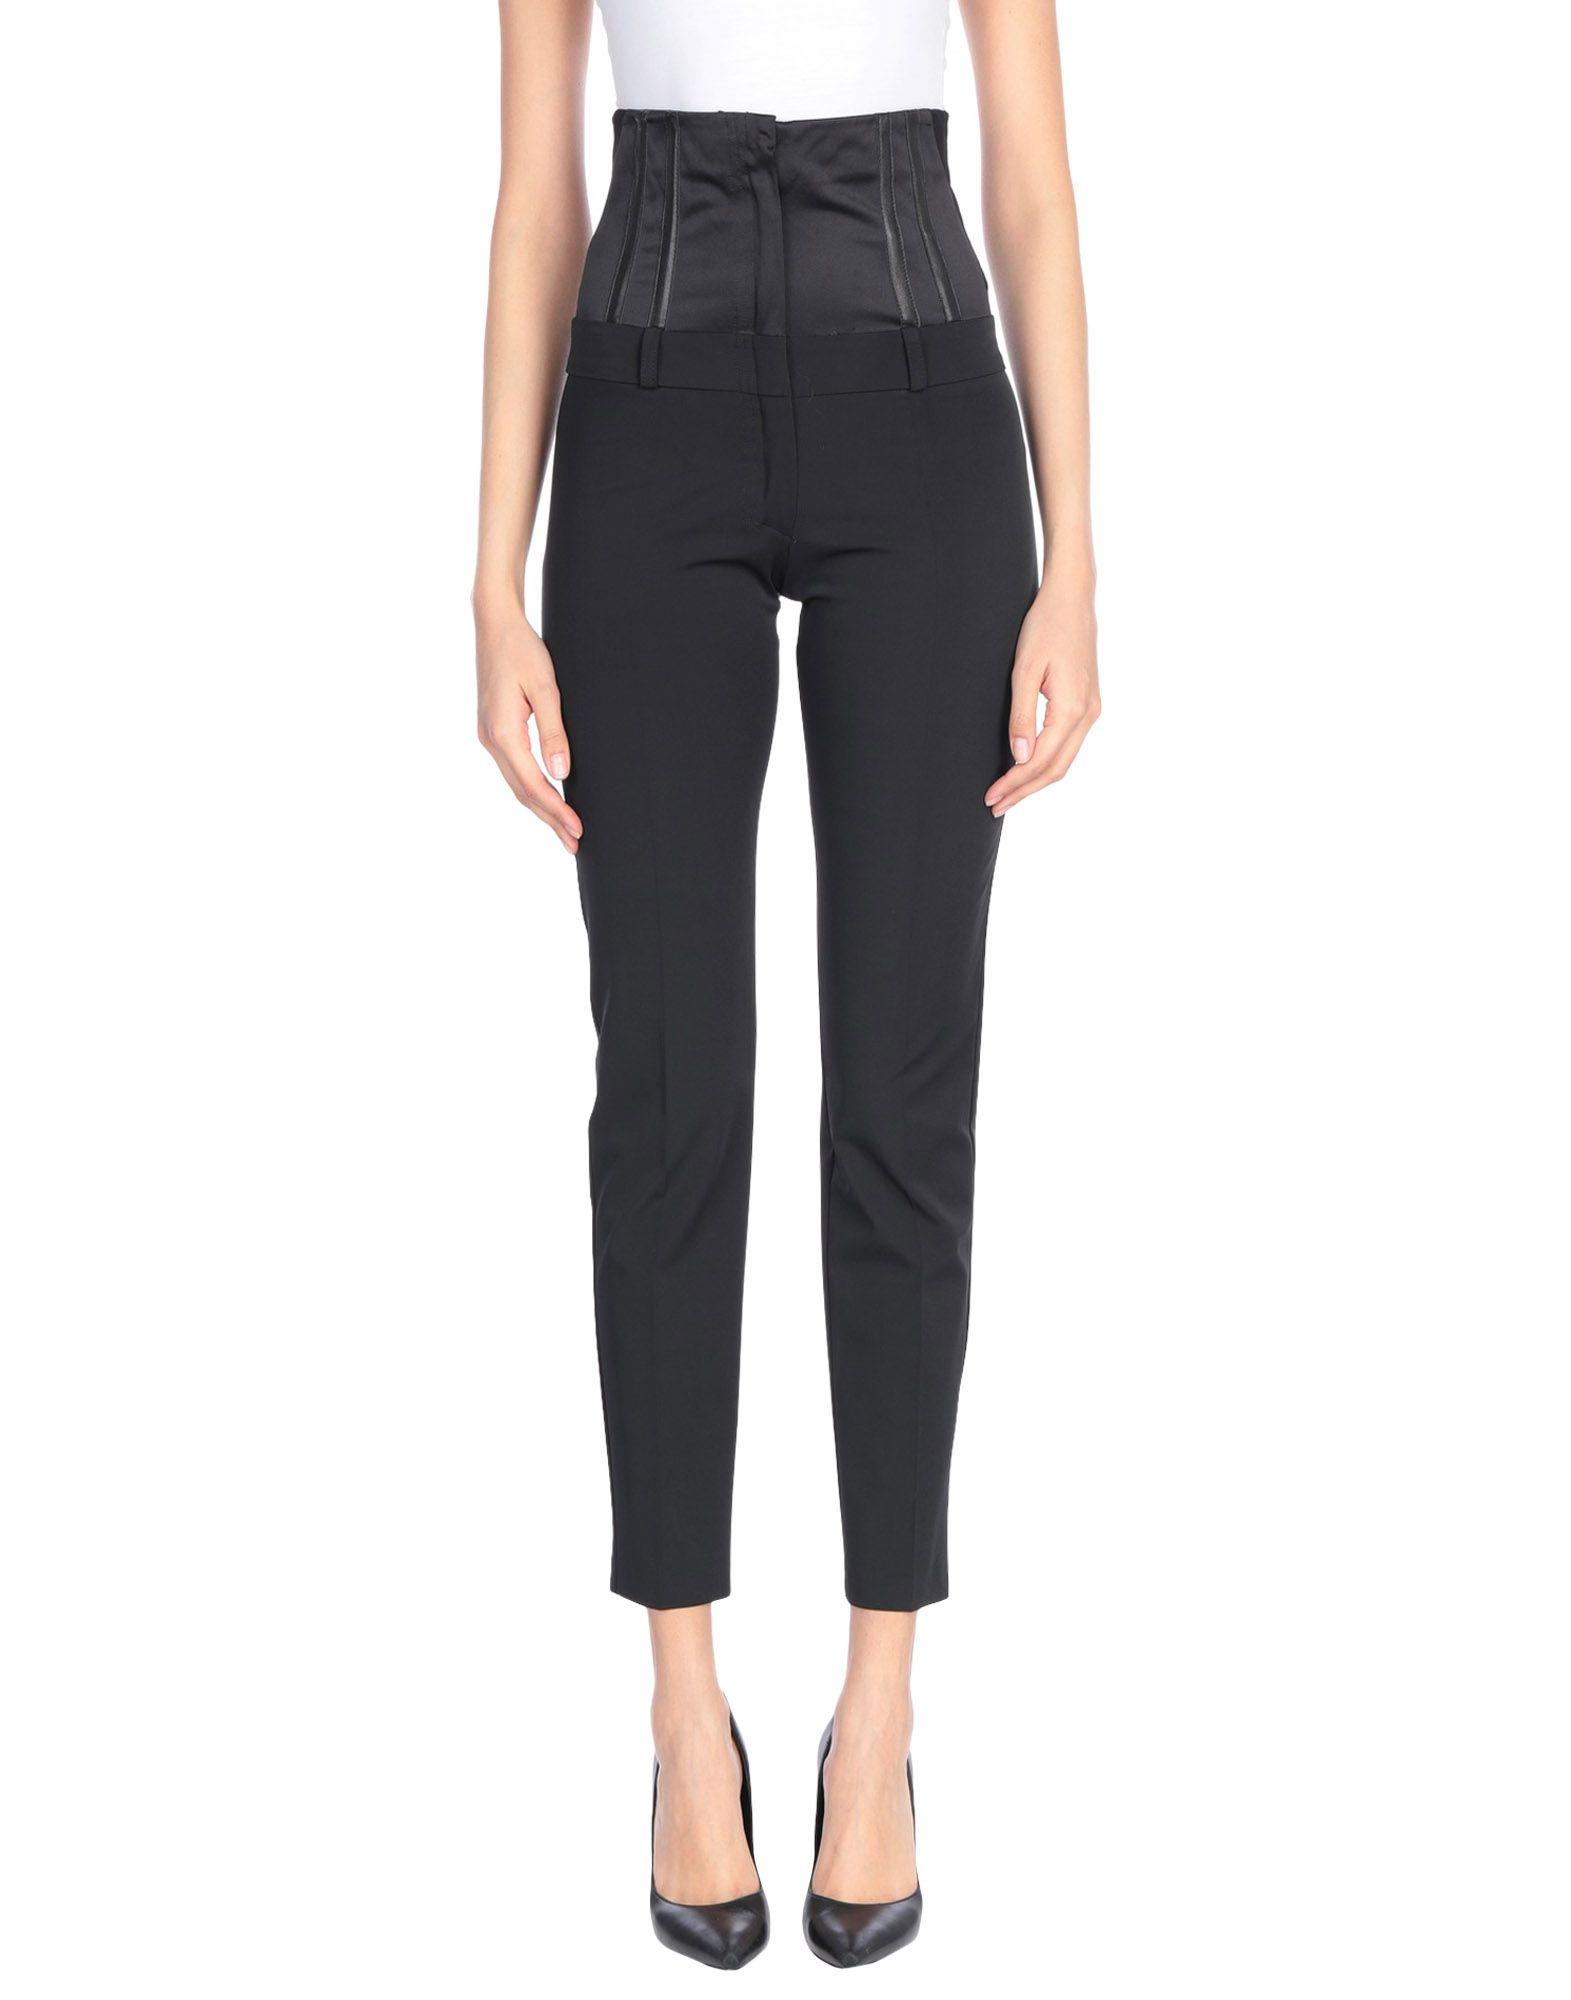 Pantalone Shi 4 4 donna - 13307807EN  der klassische Stil